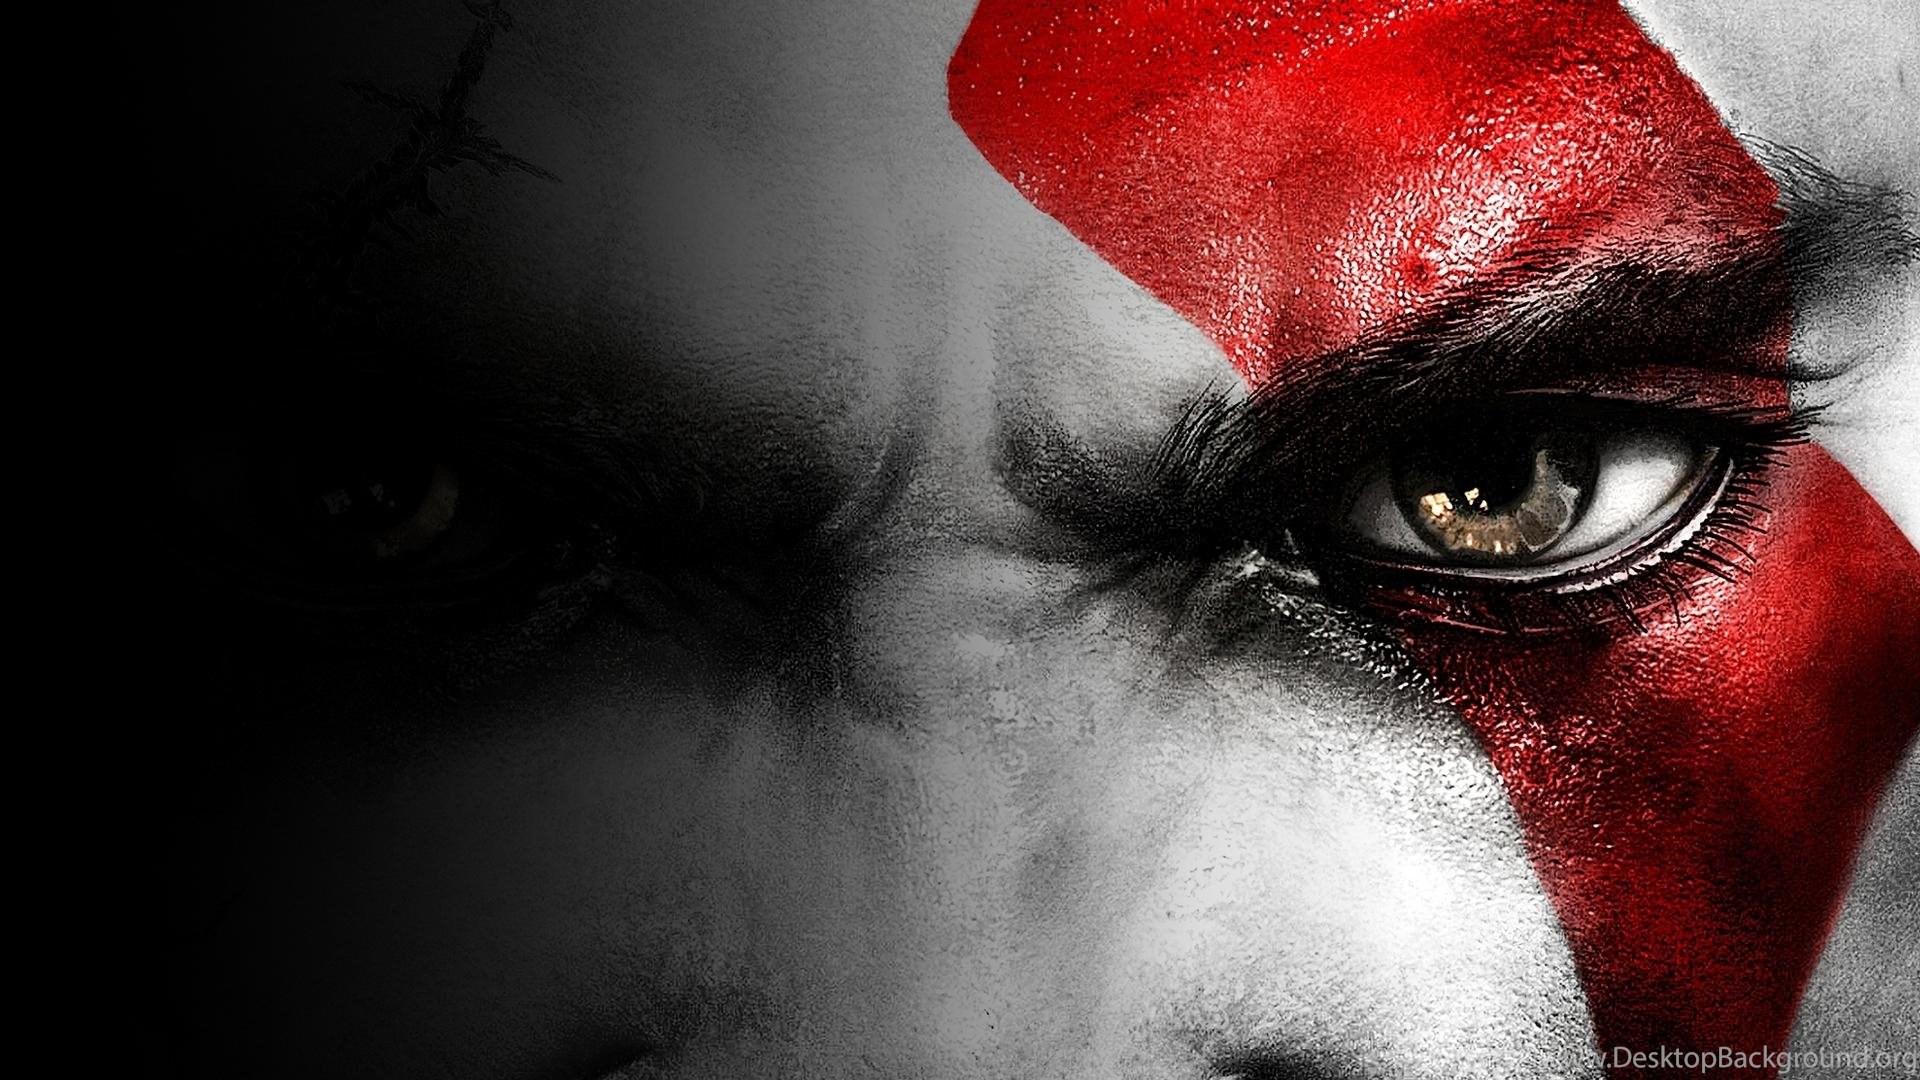 God War 3D Games Wallpapers Free Download Desktop Background